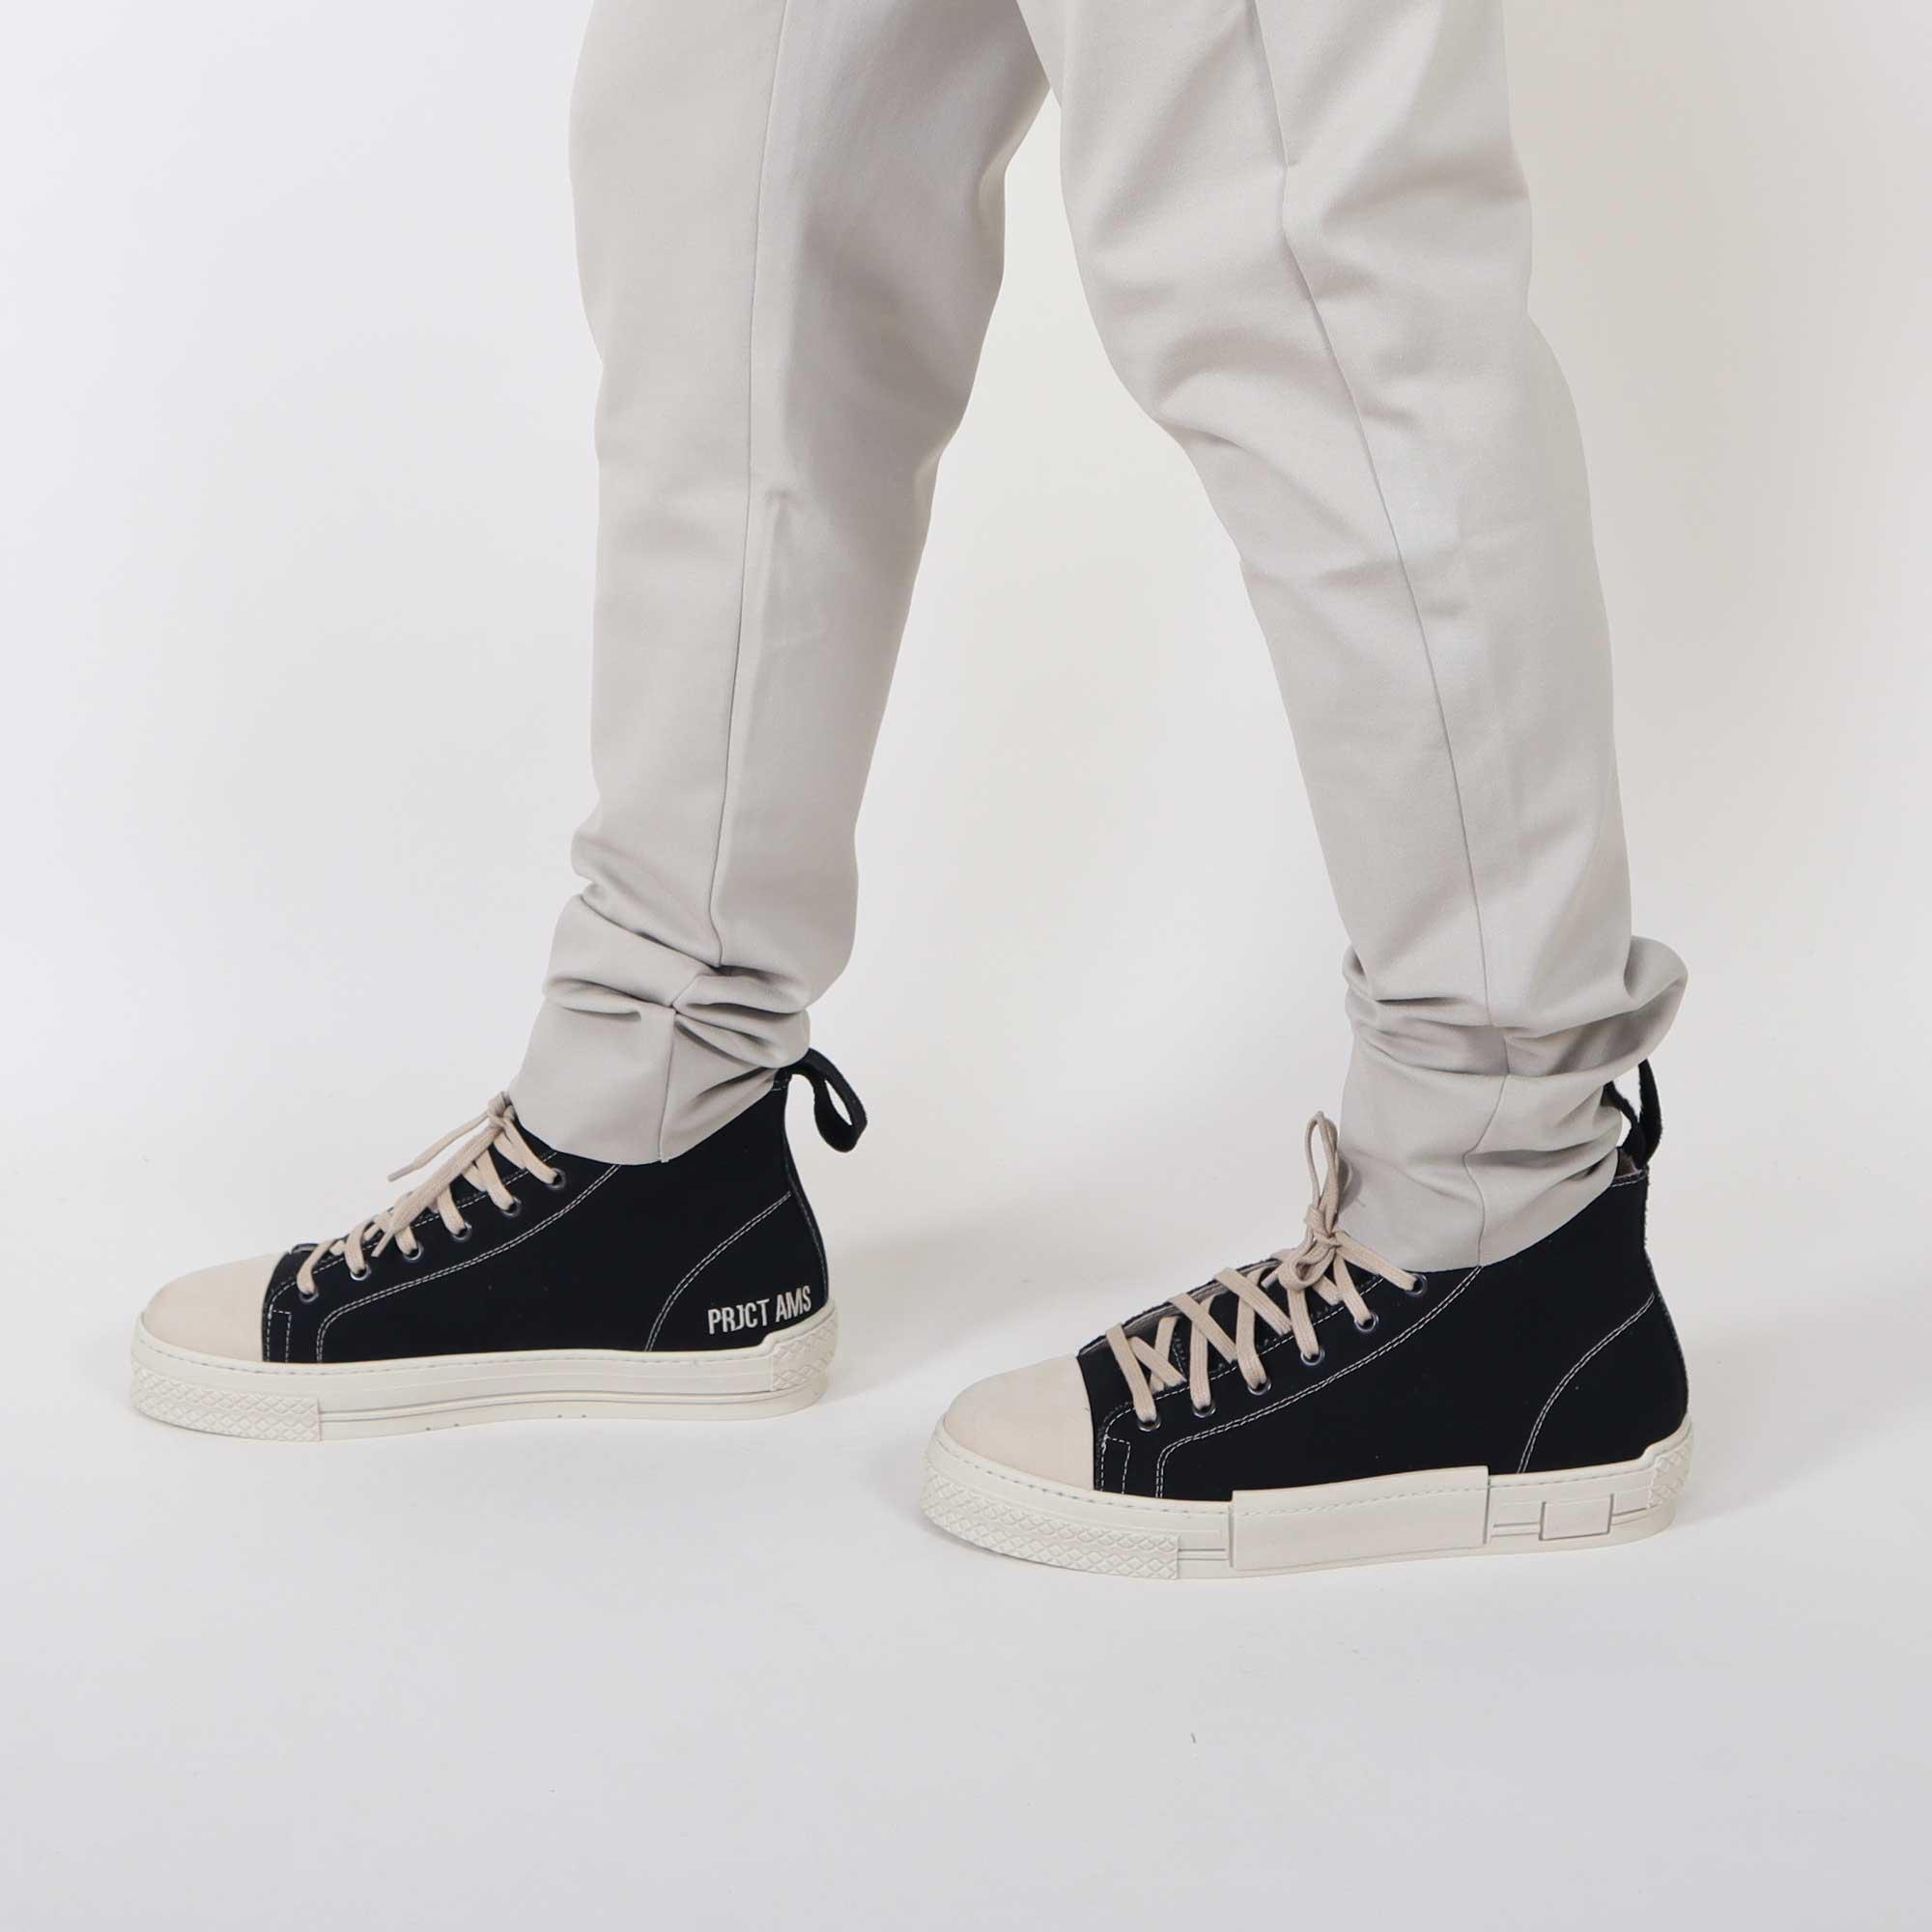 sneaker-5